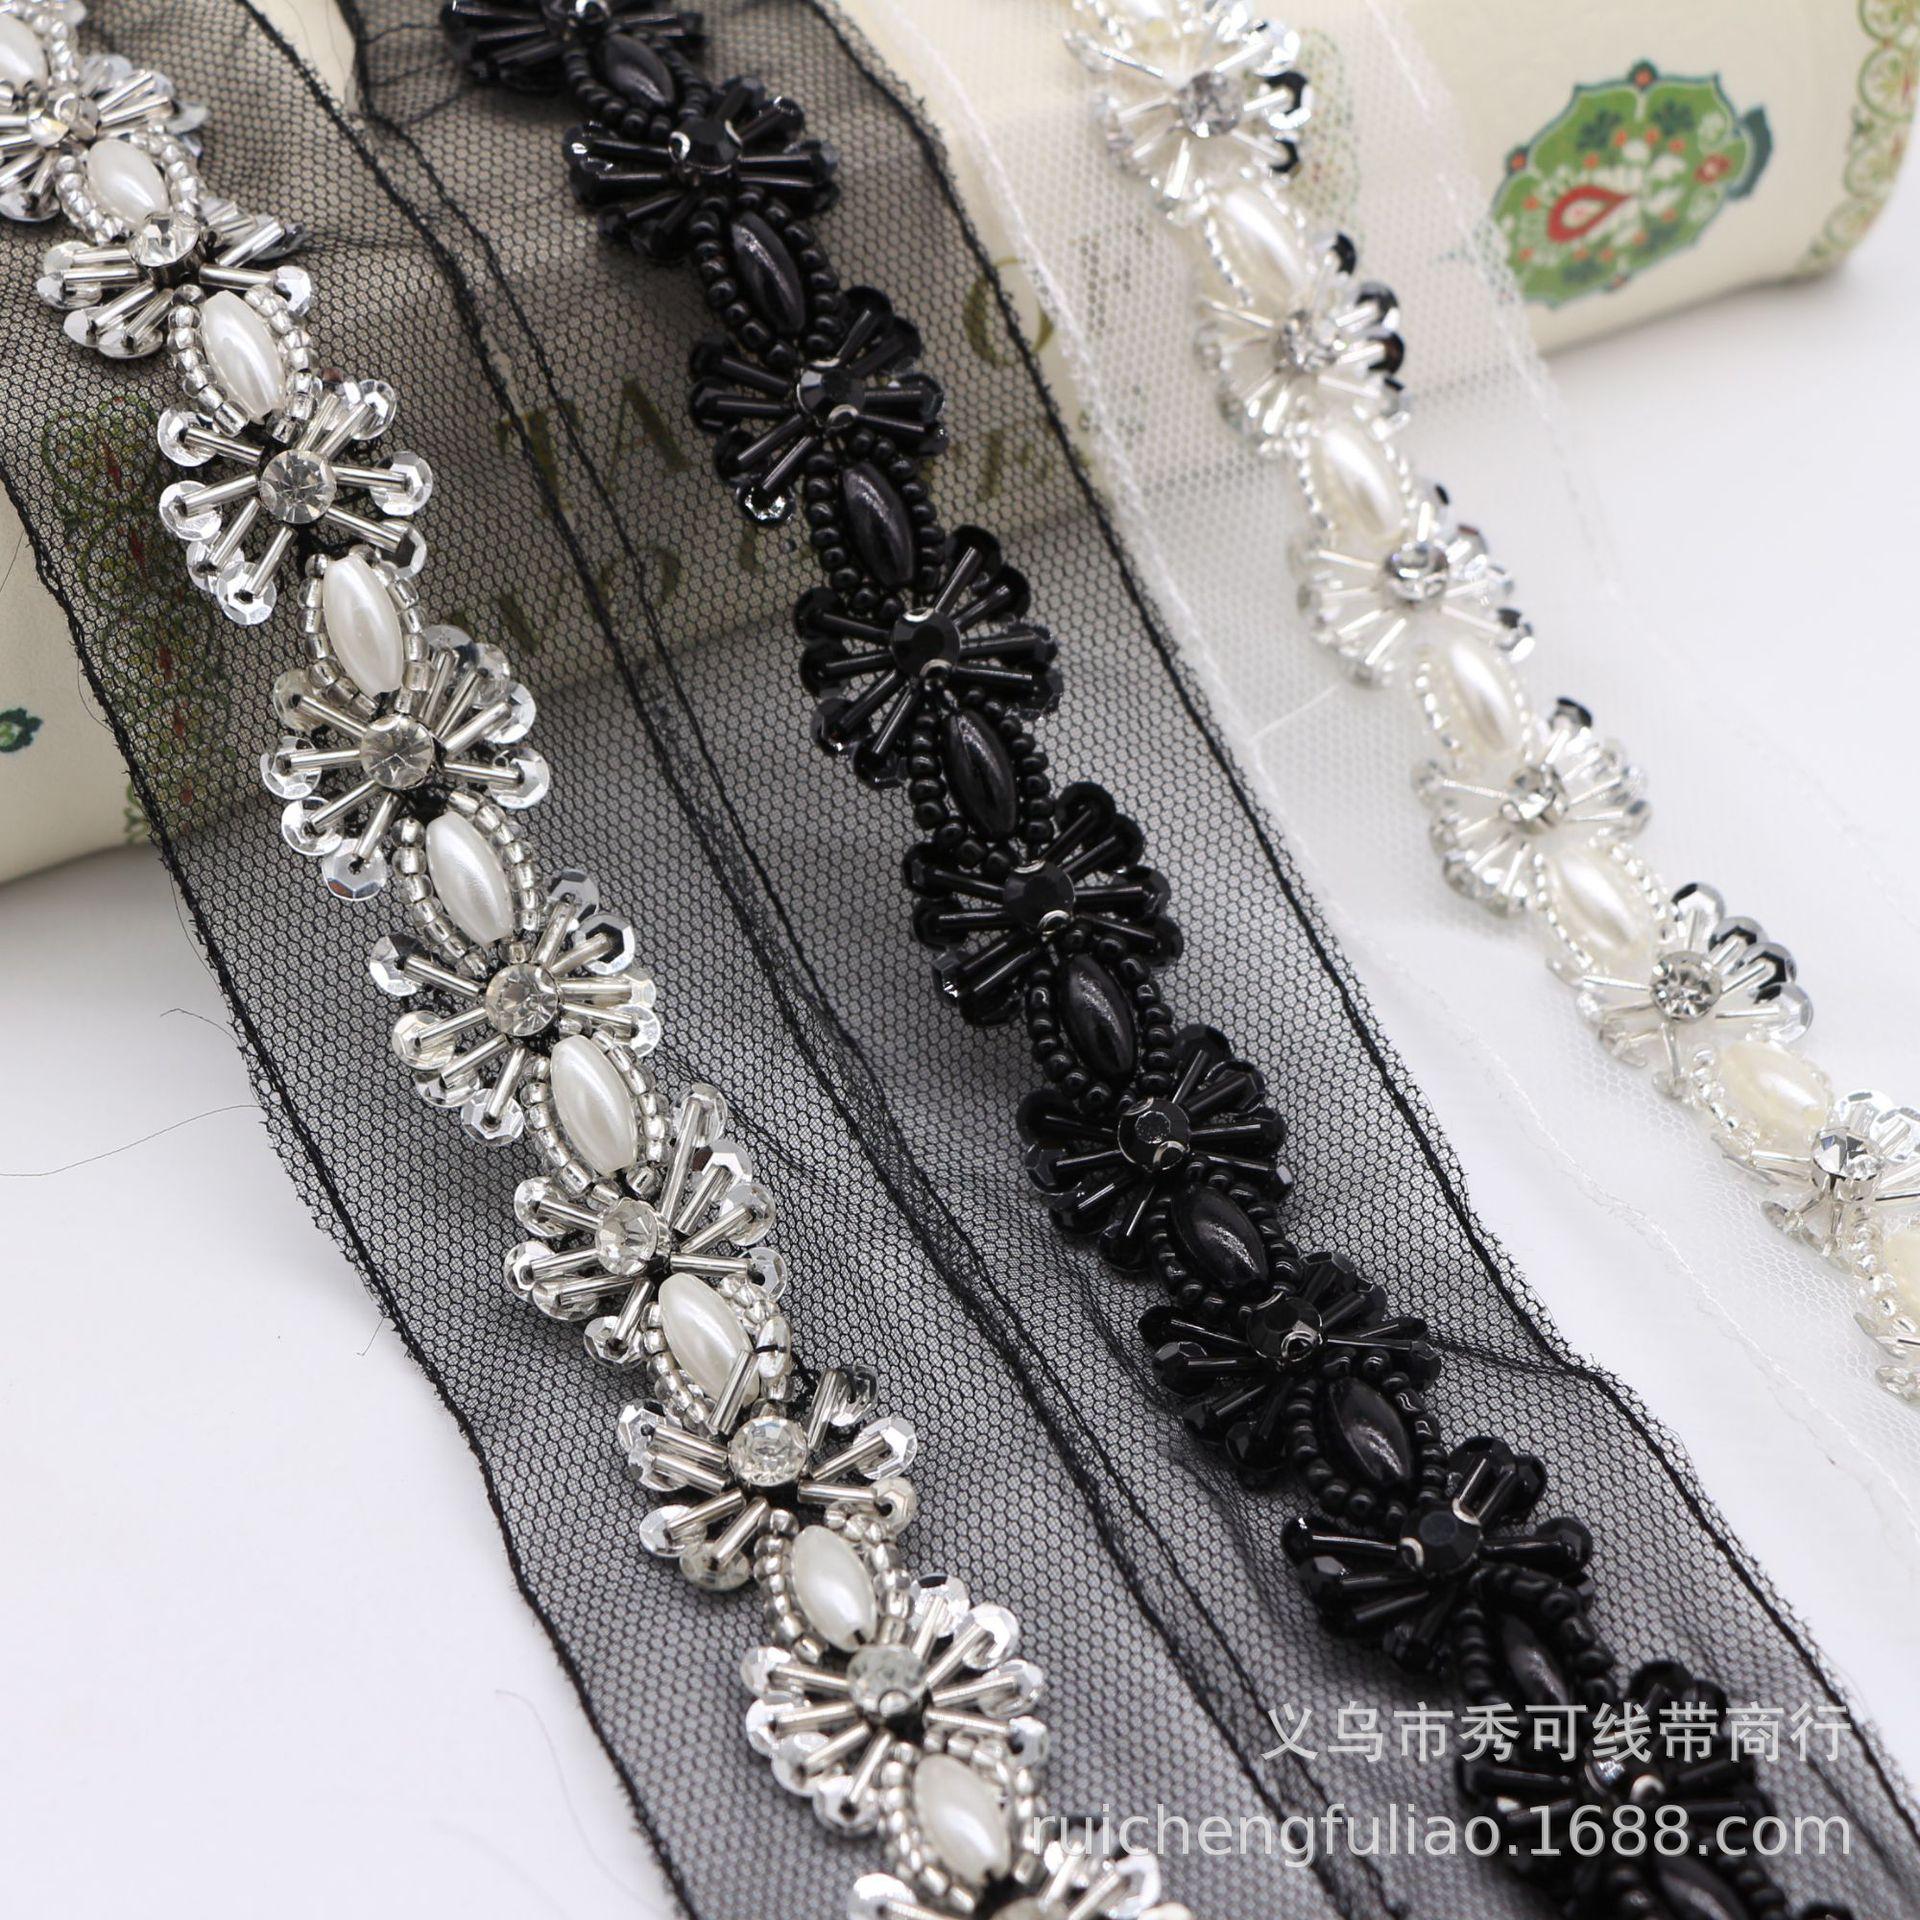 现货手缝亮片镶钻网纱手工钉珠花边服装辅料DIY衣服领袖子配件